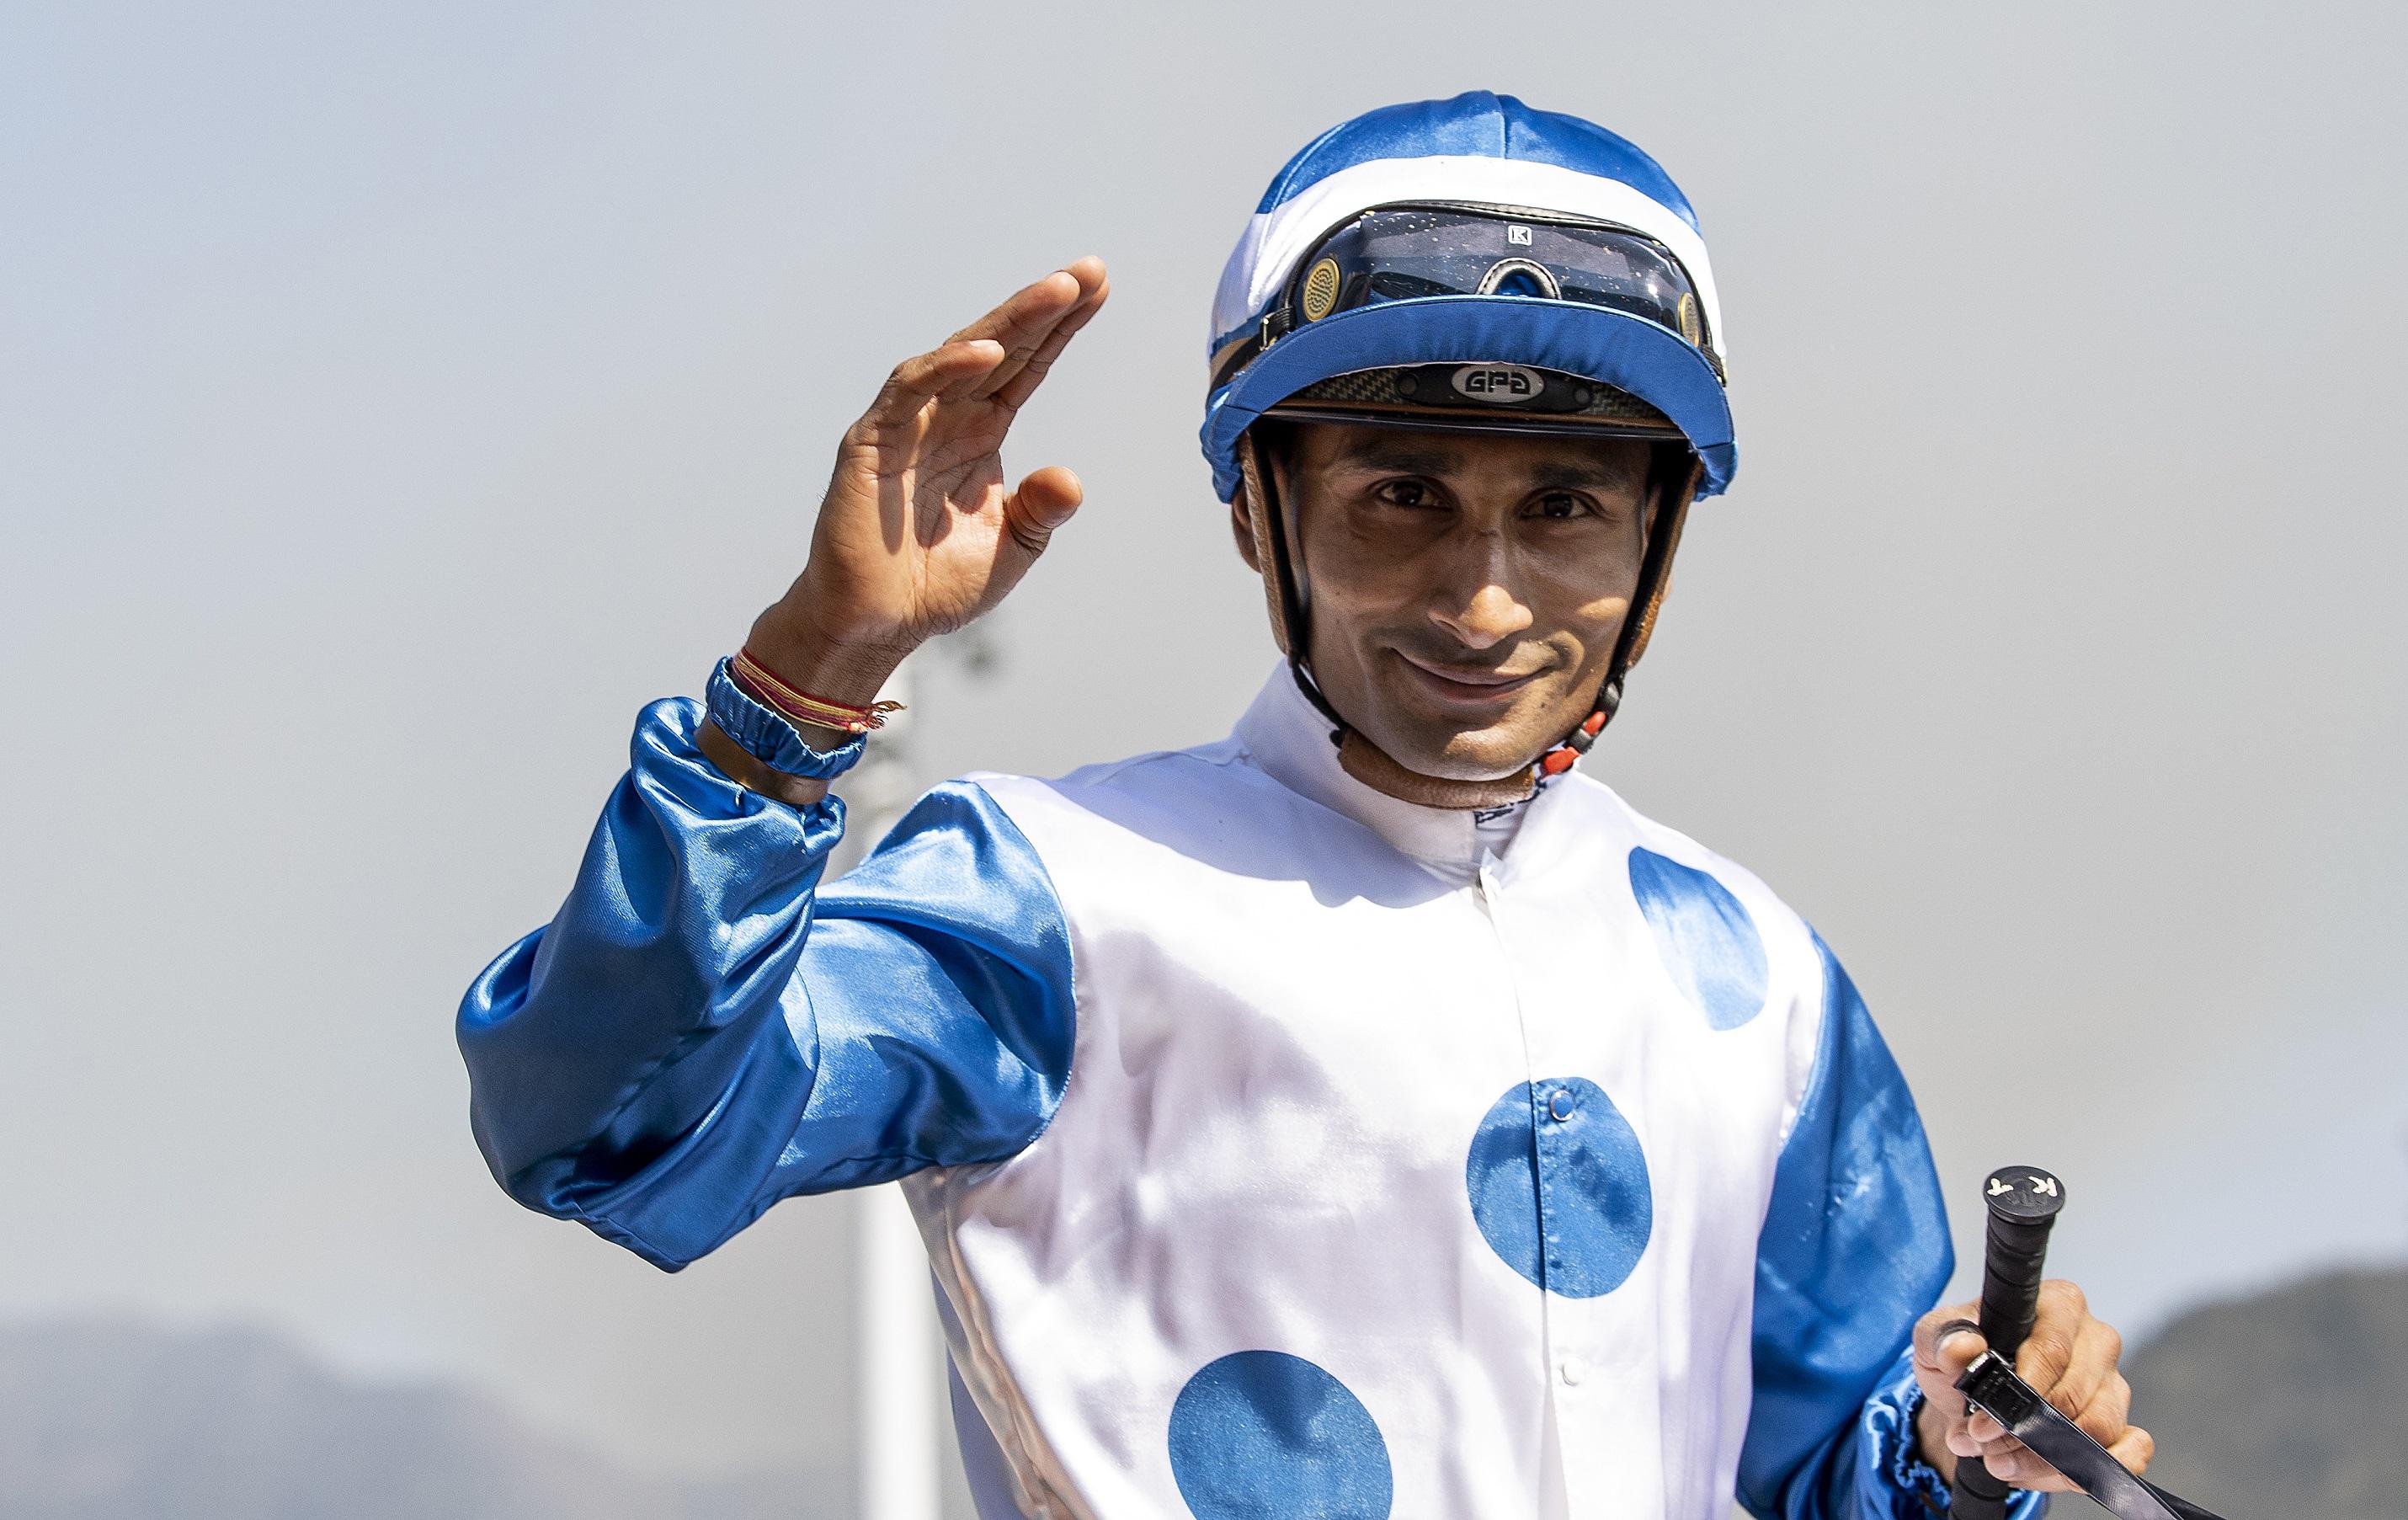 Karis Teetan is three wins shy of his personal best.